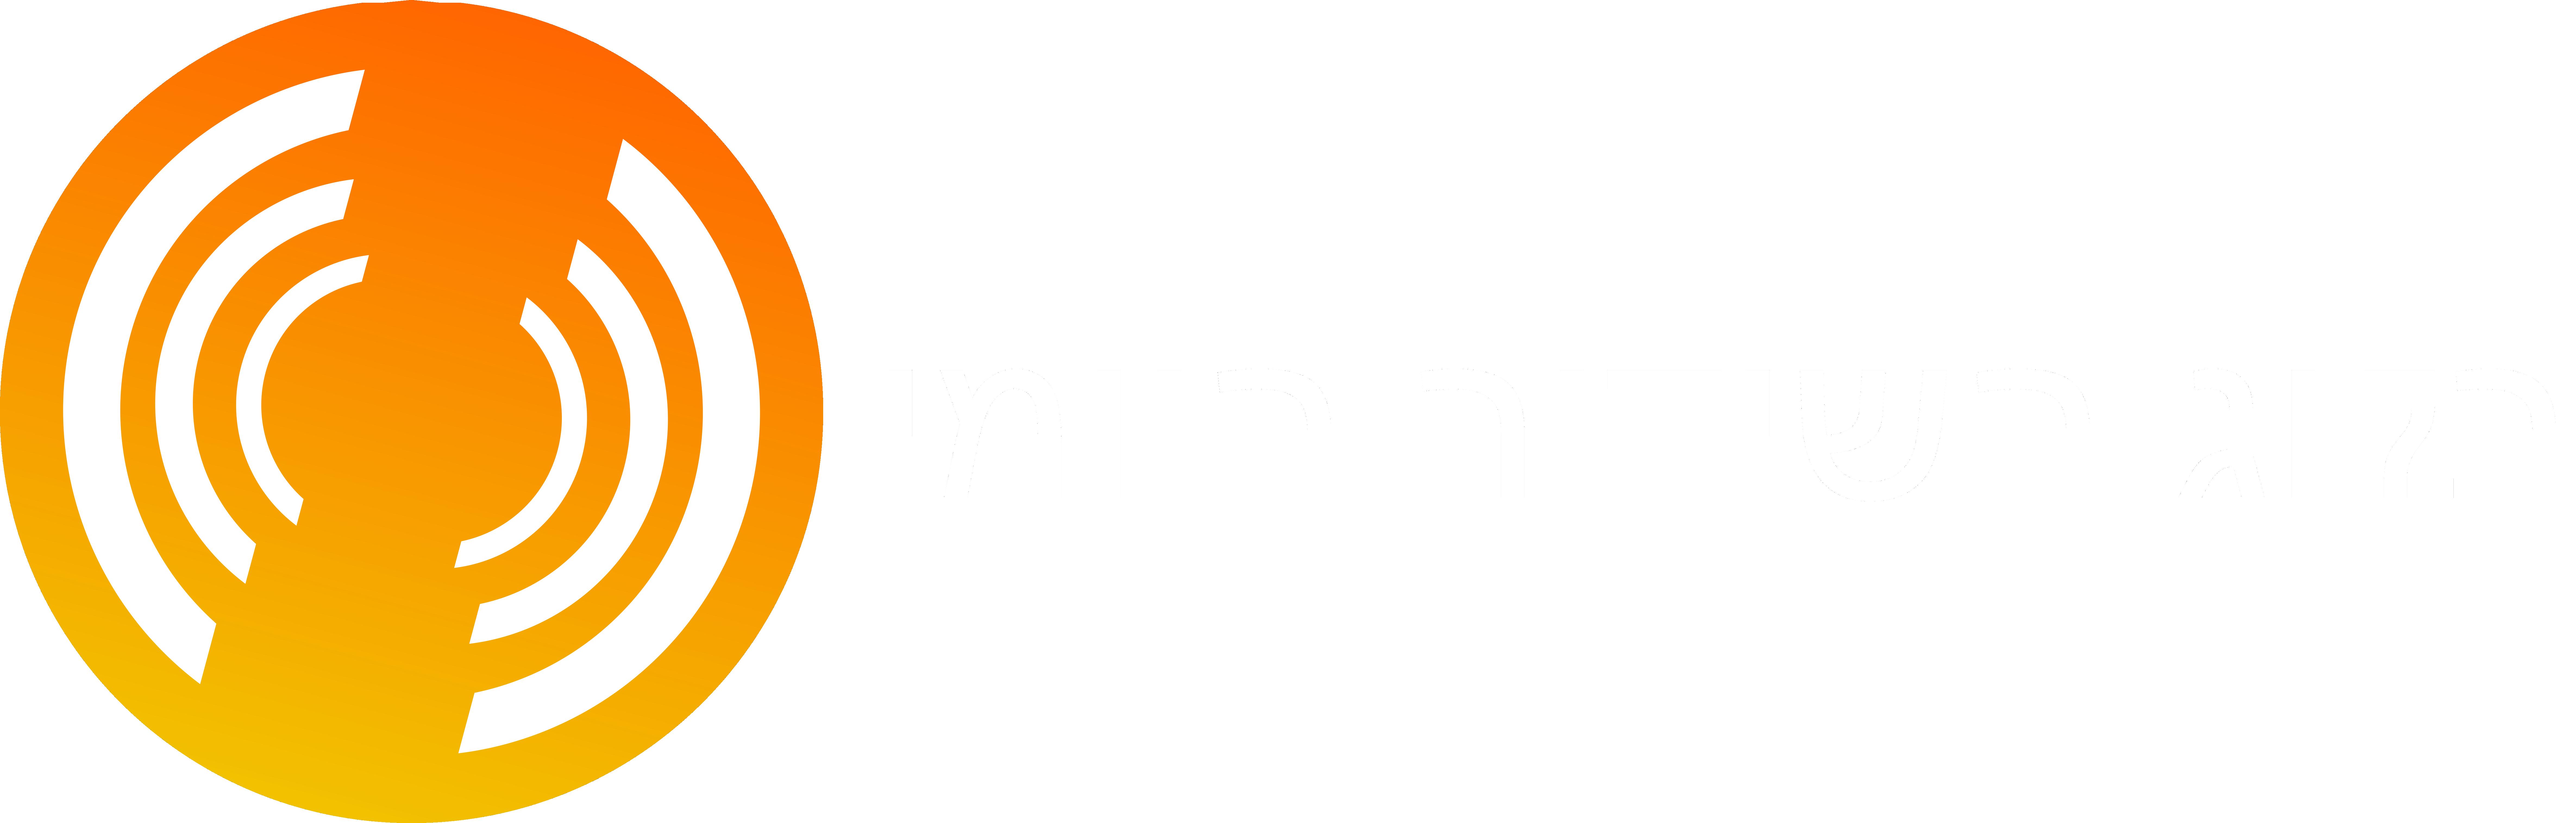 פורץ רכבים בתל אביב - בלוג השידור היומי